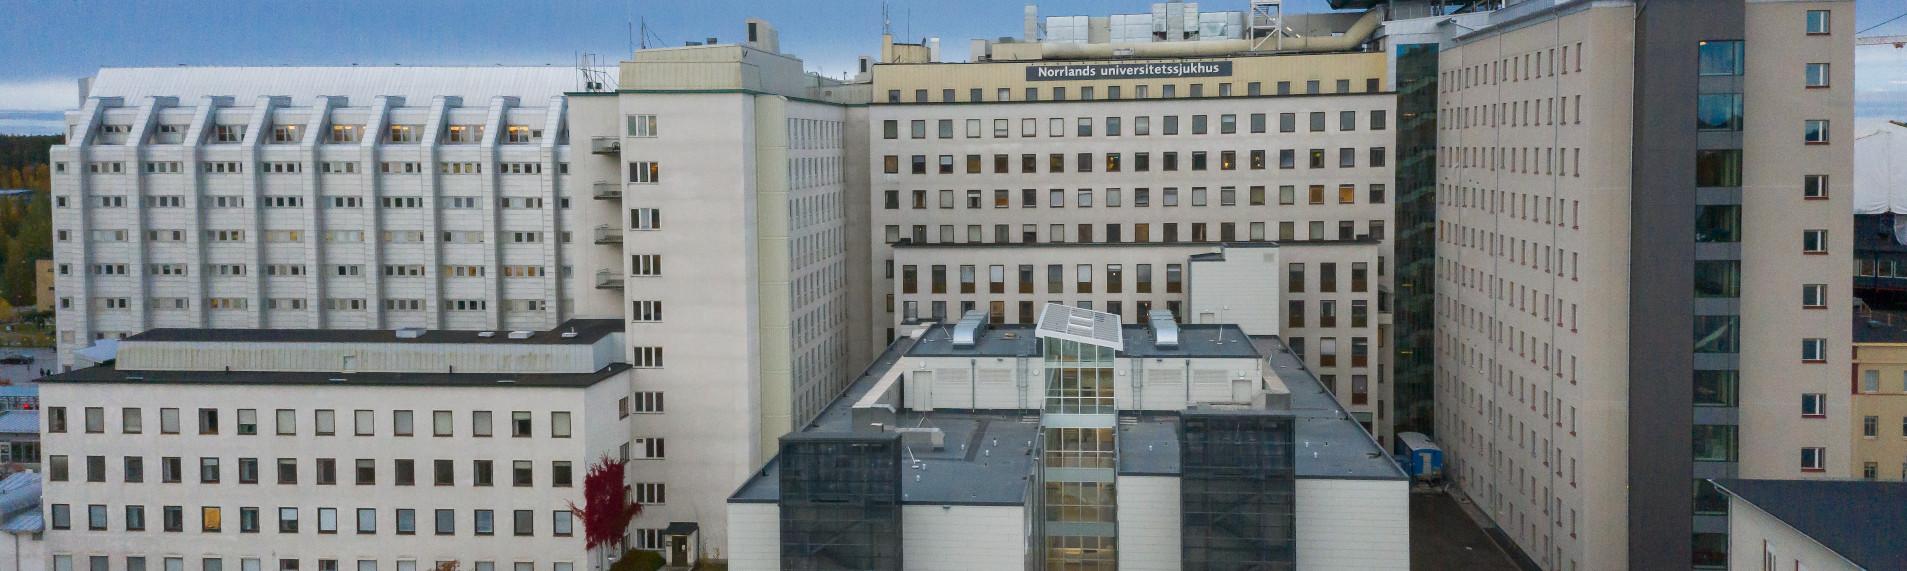 Kontrollerad klimatkontroll för Norrlands sjukhus